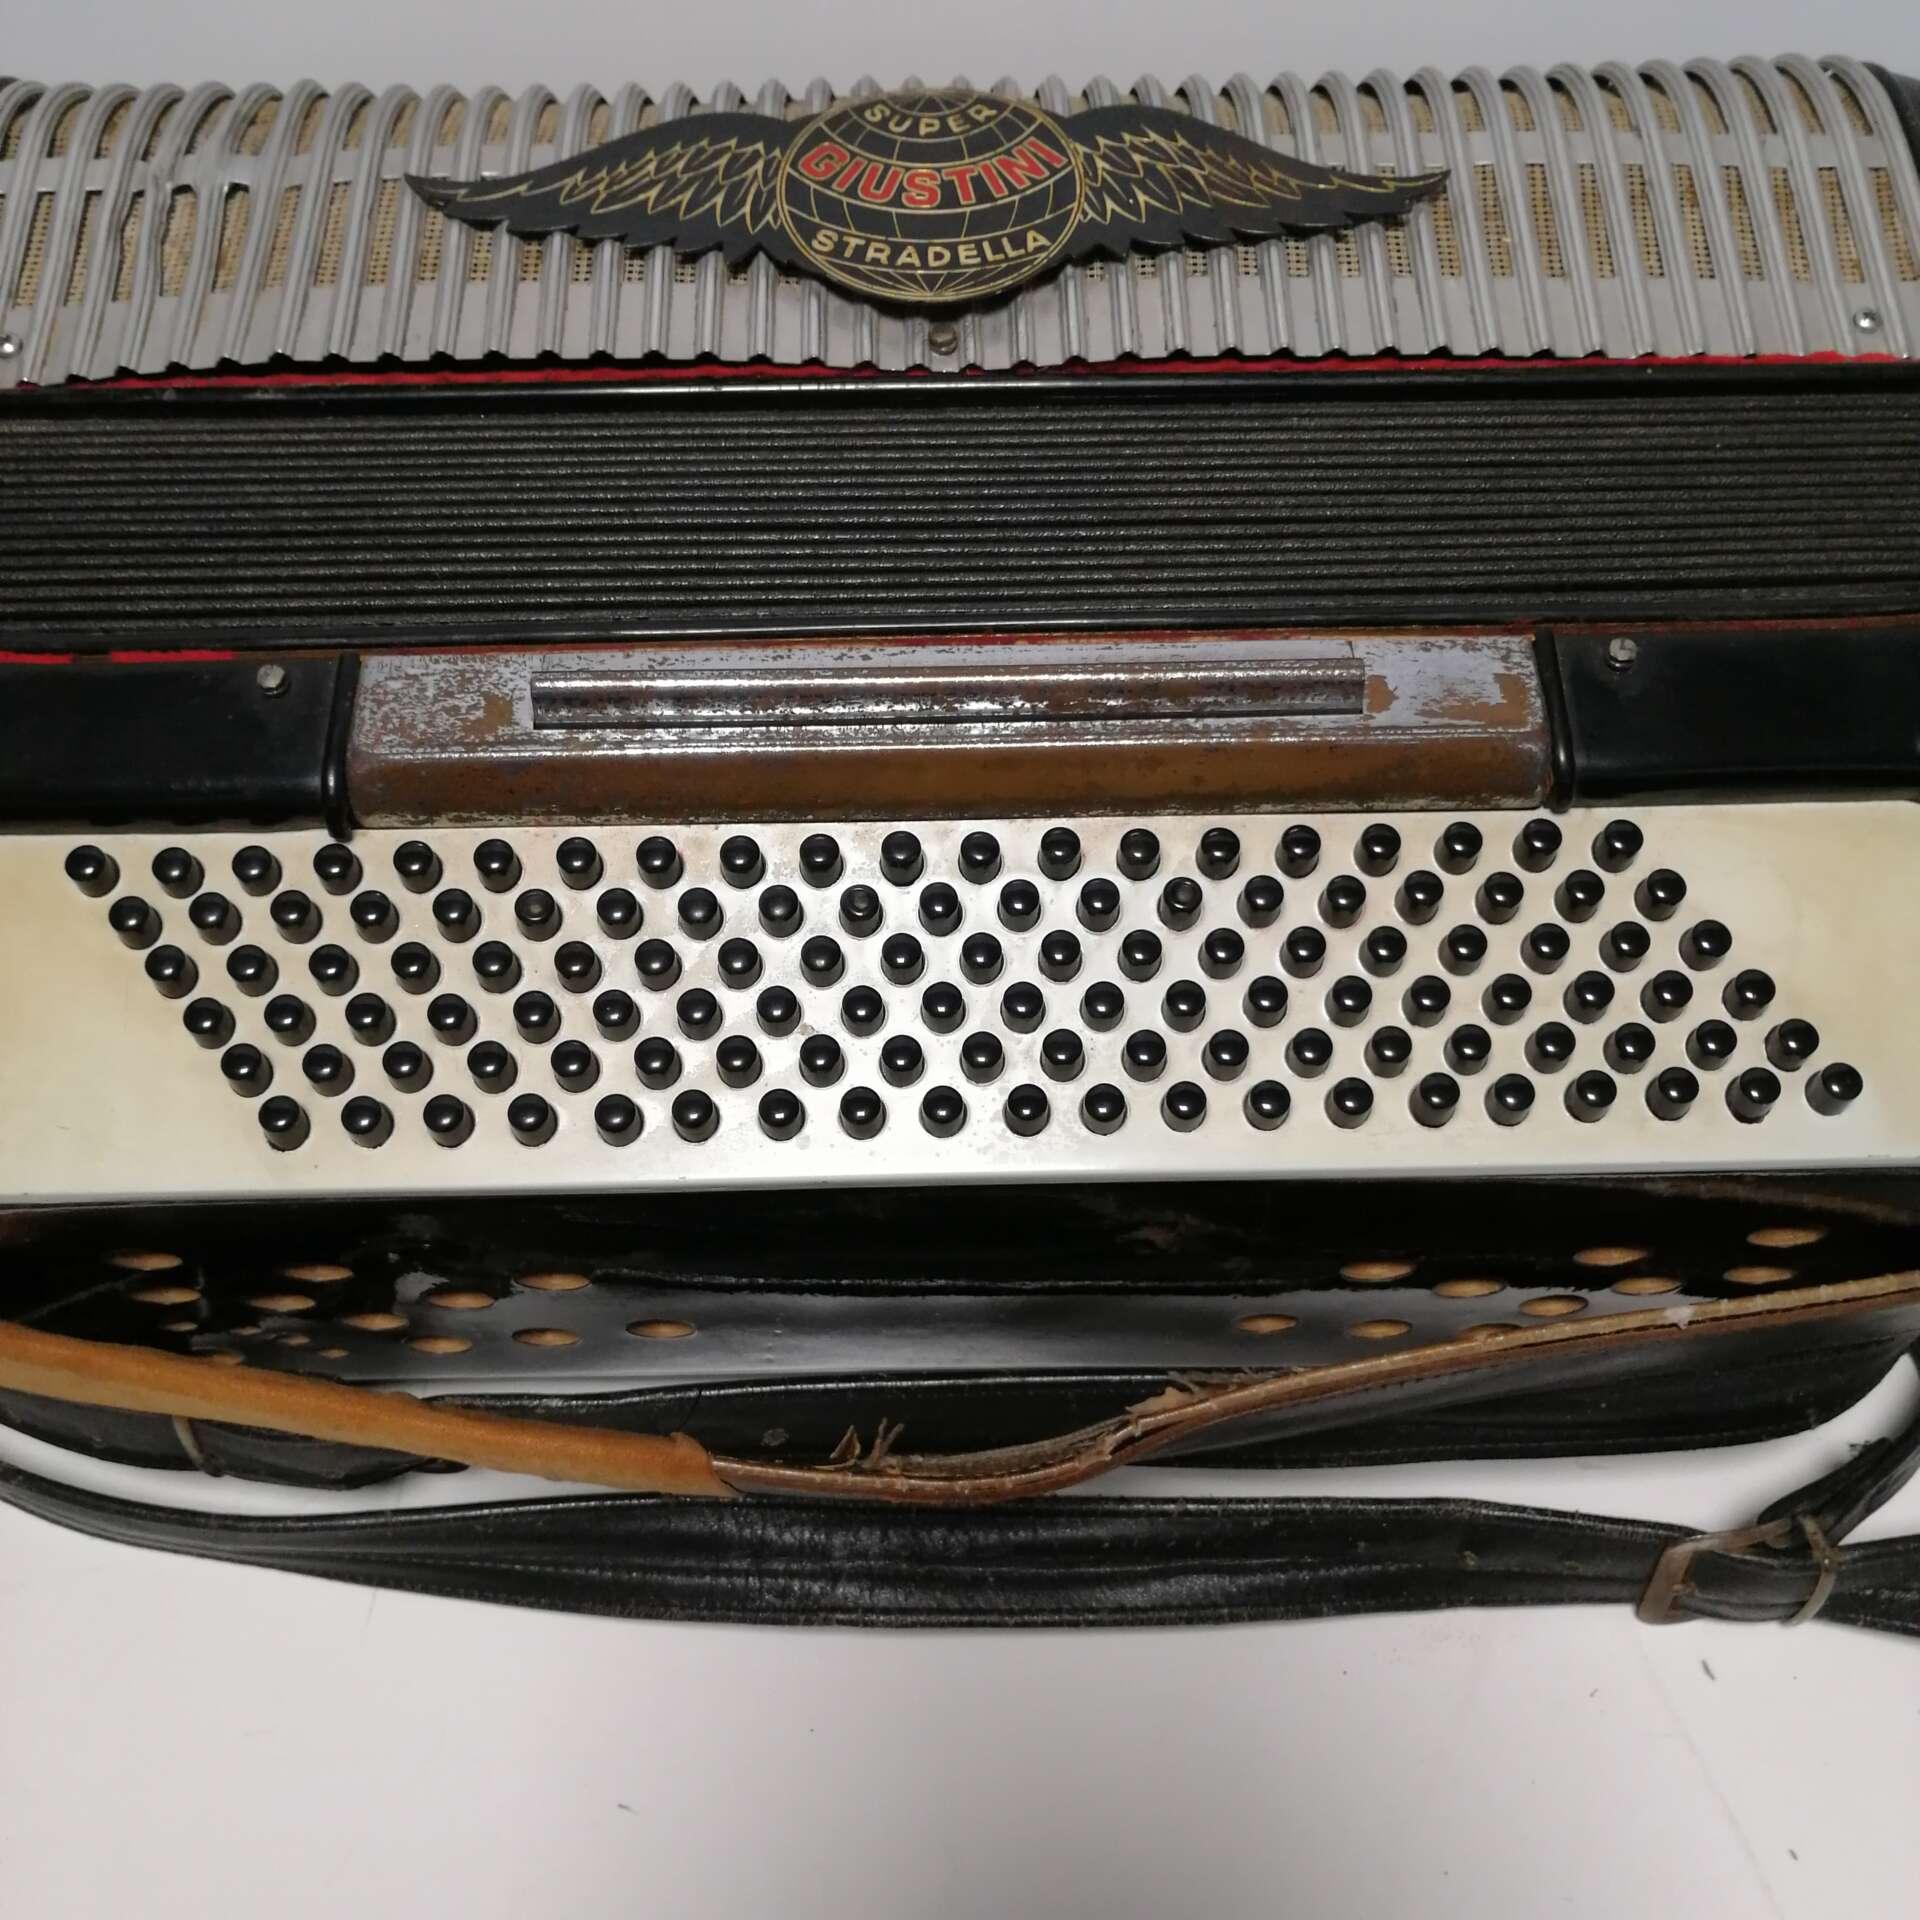 fisarmonica Giustini Stradella